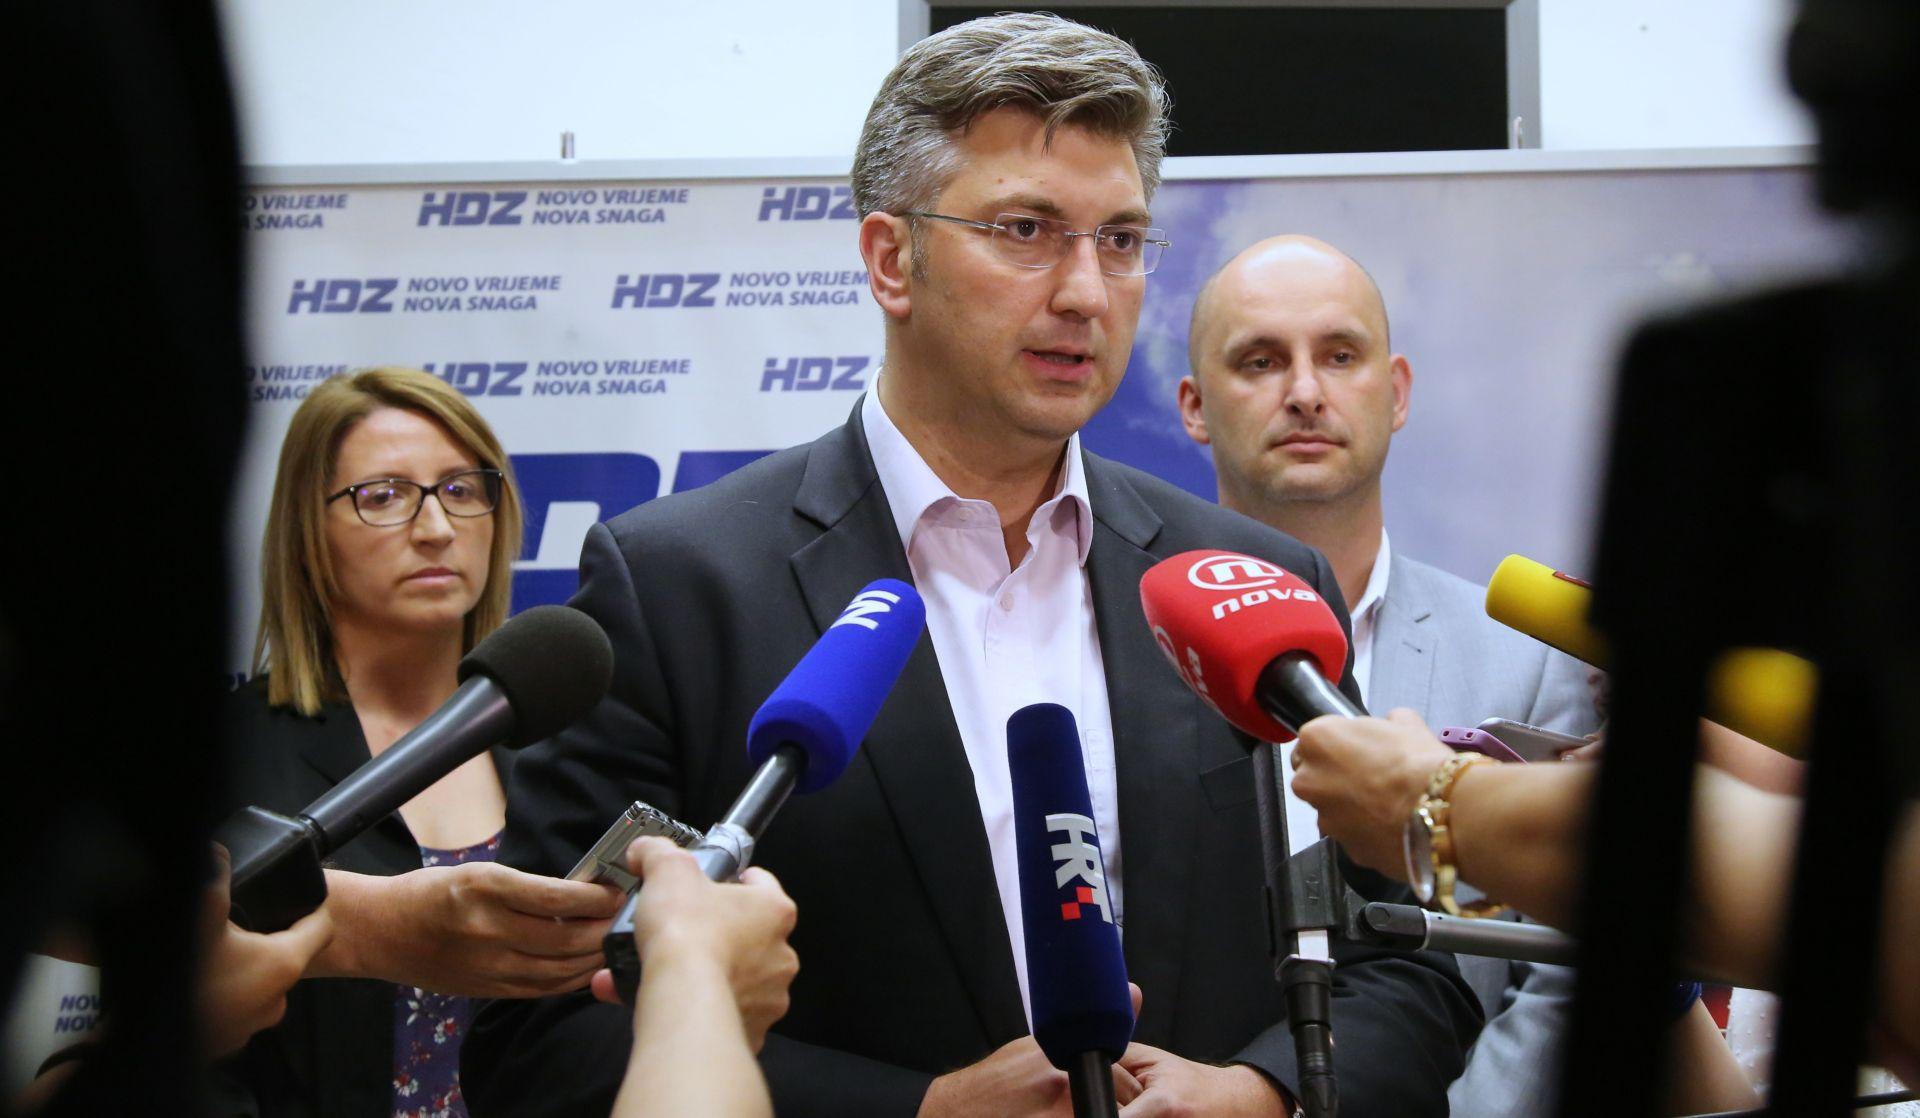 ANDREJ PLENKOVIĆ: Poljuljana vjerodostojnost HDZ-a, treba iskoristiti priliku za revitalizaciju